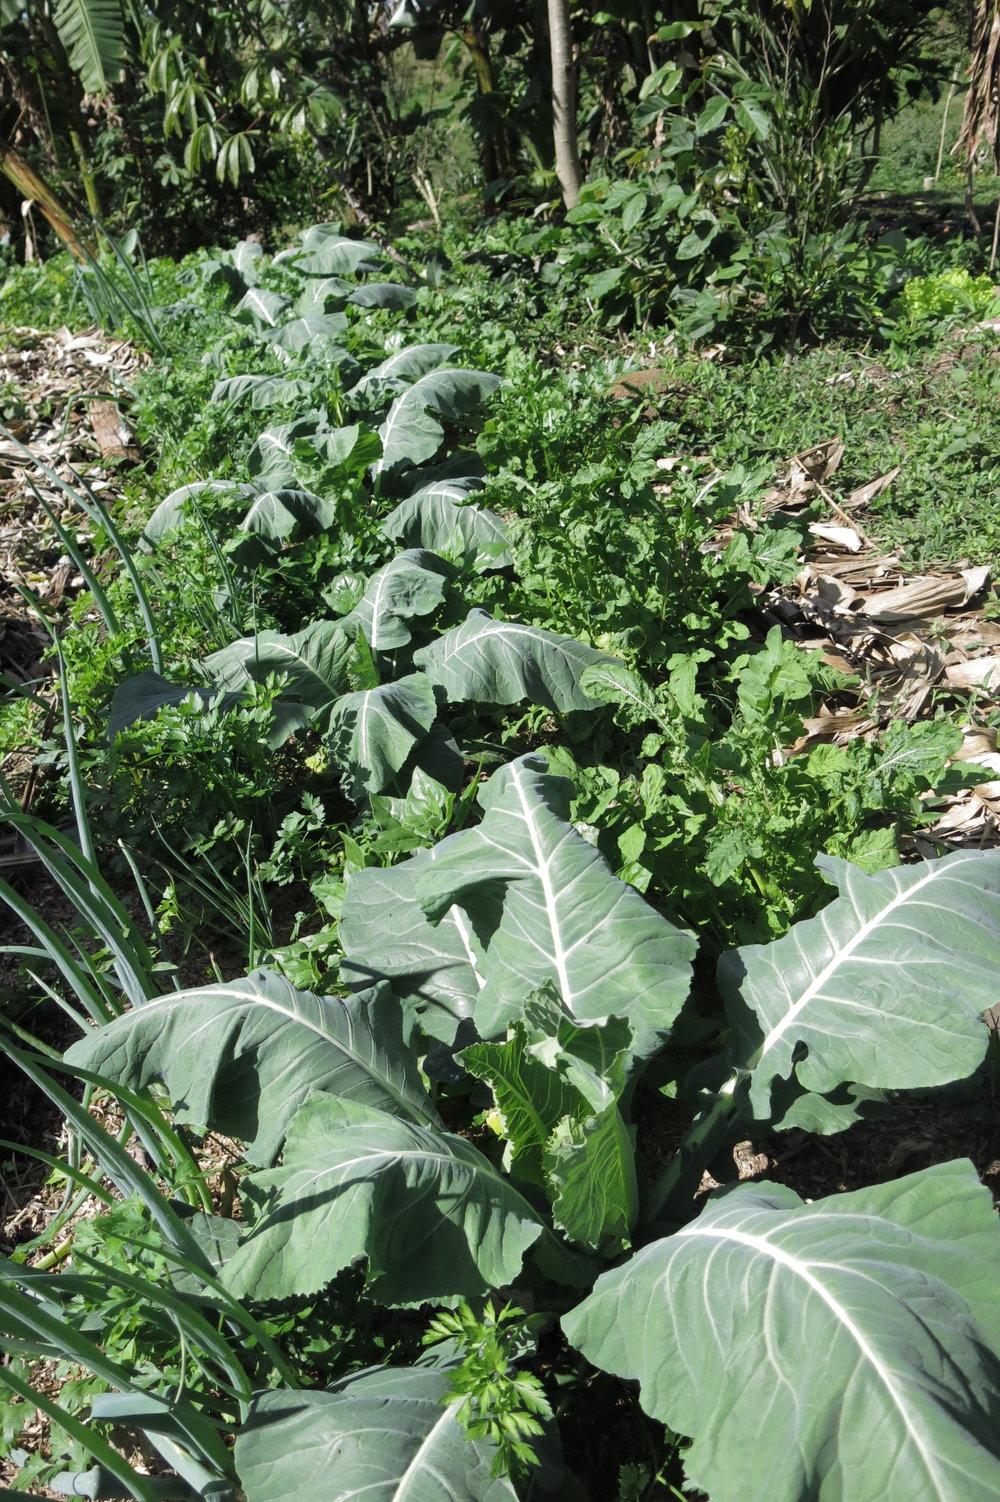 Leira de hortaliças da Fazenda Grupo do Jardim